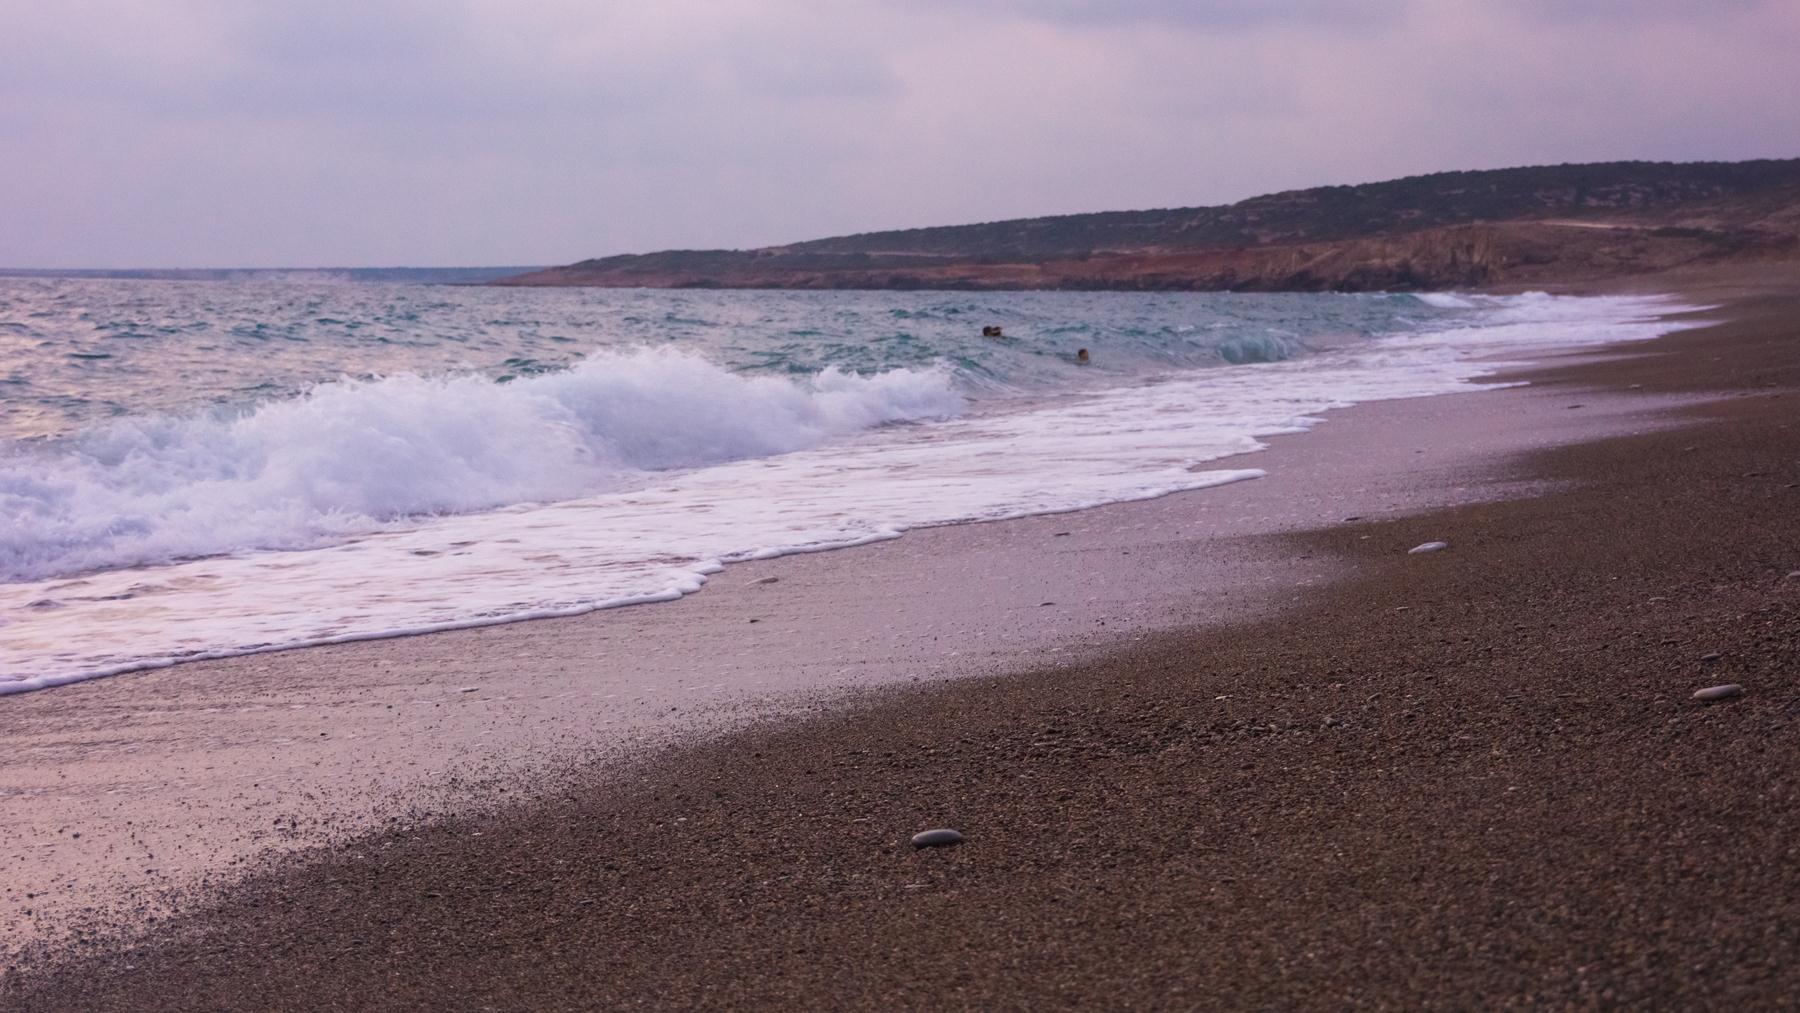 Неподалеку кто-то развлекается в волнах